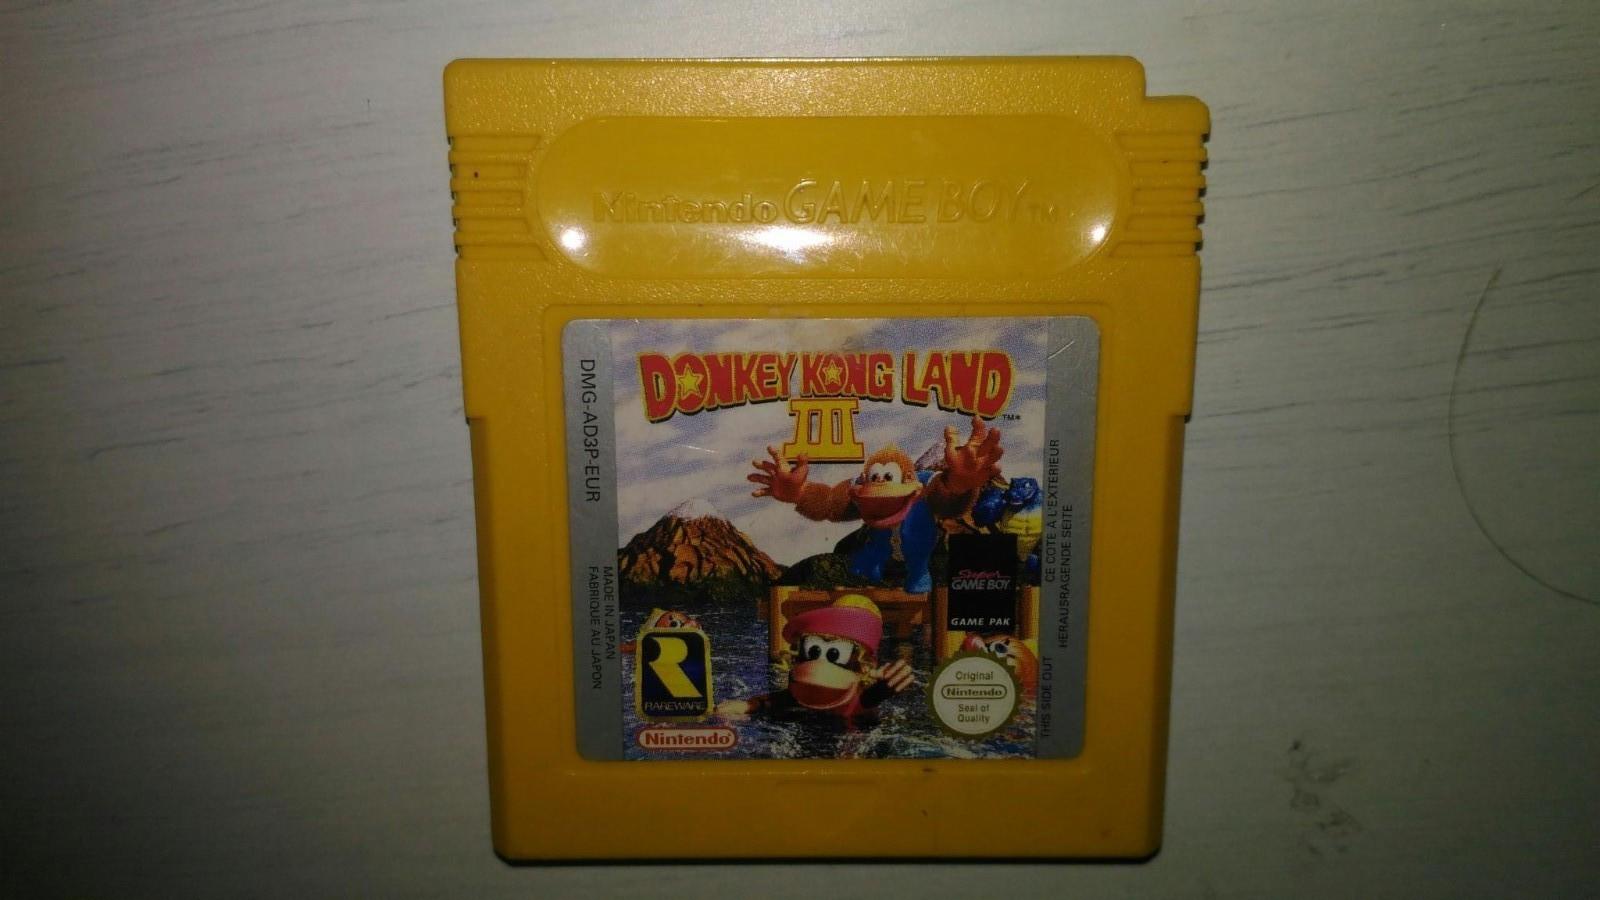 GB Spill - Donkey Kong Land 3 (Game Boy) - Sandnes  - GB Spill - Donkey Kong Land III (Game Boy) Video: https://www.youtube.com/watch?v=LXehWgfhgIU Info: https://www.mariowiki.com/Donkey_Kong_Land_III Se gjennom mine andre annonser for mer Game Boy spill. Sender ikke. - Sandnes